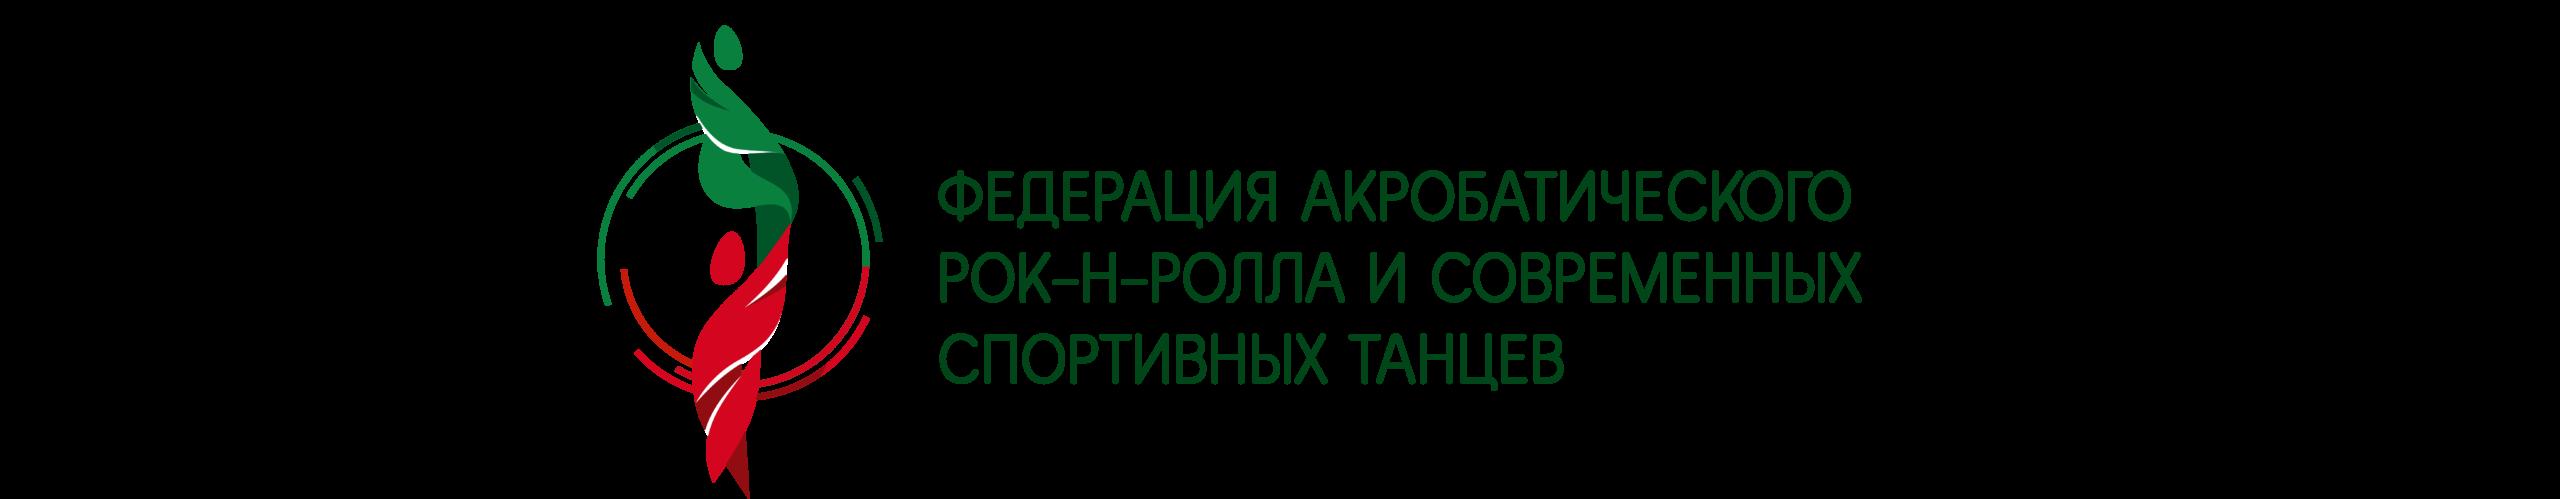 Федерация акробатического рок-н-ролла и современных спортивных танцев республики Татарстан